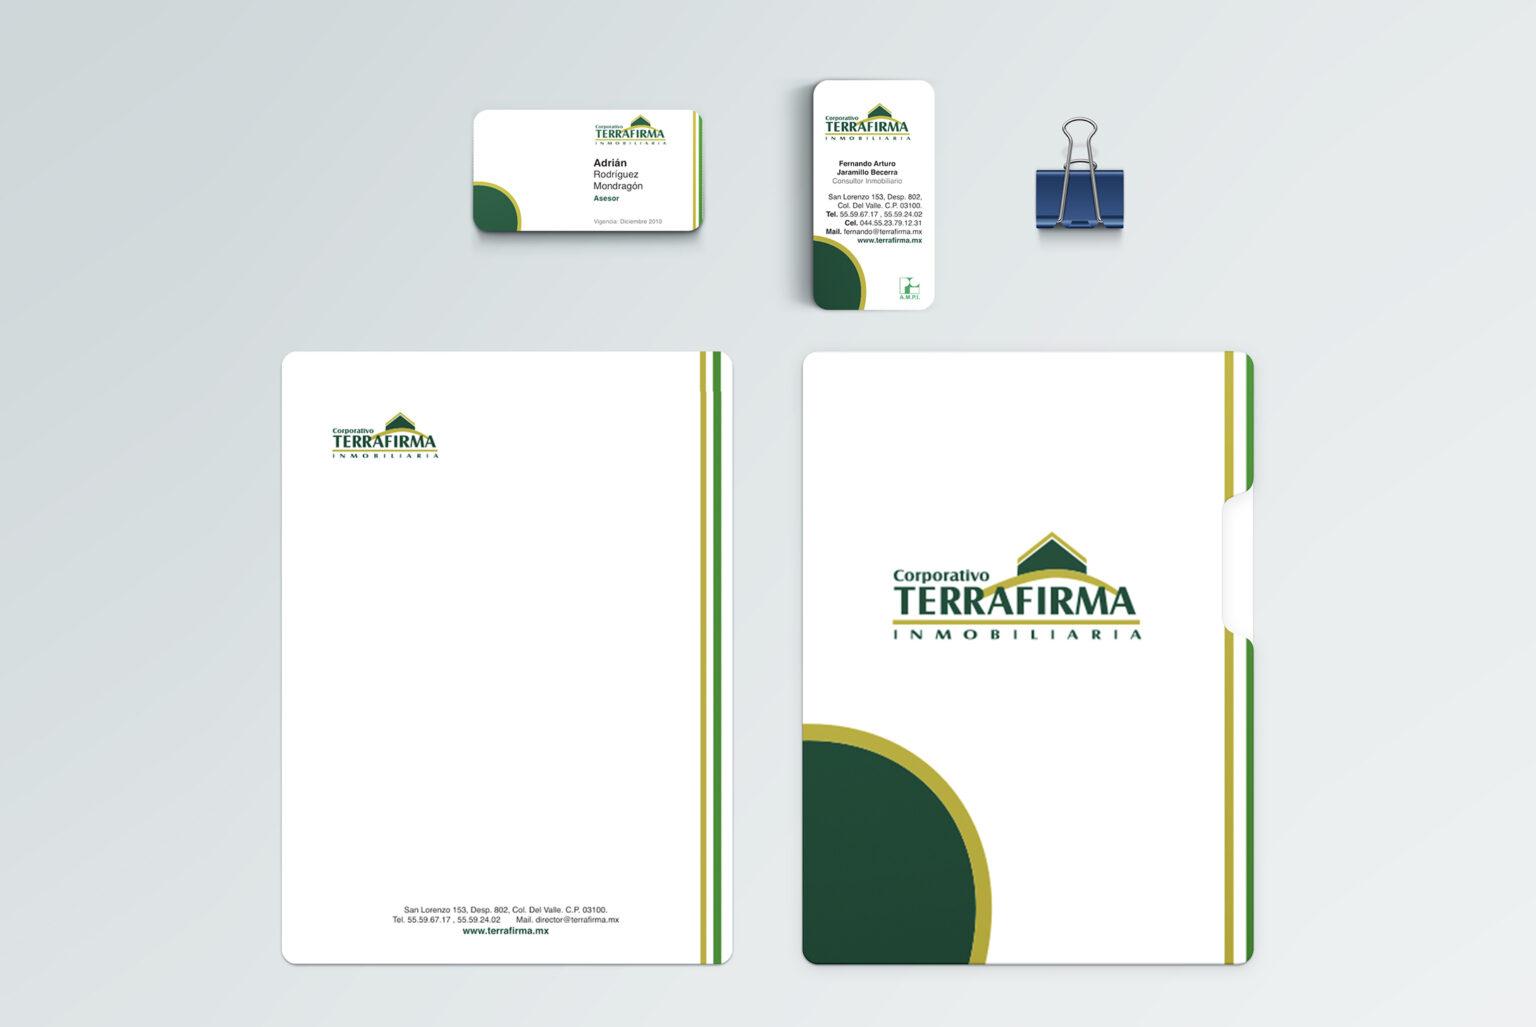 Terrafirma